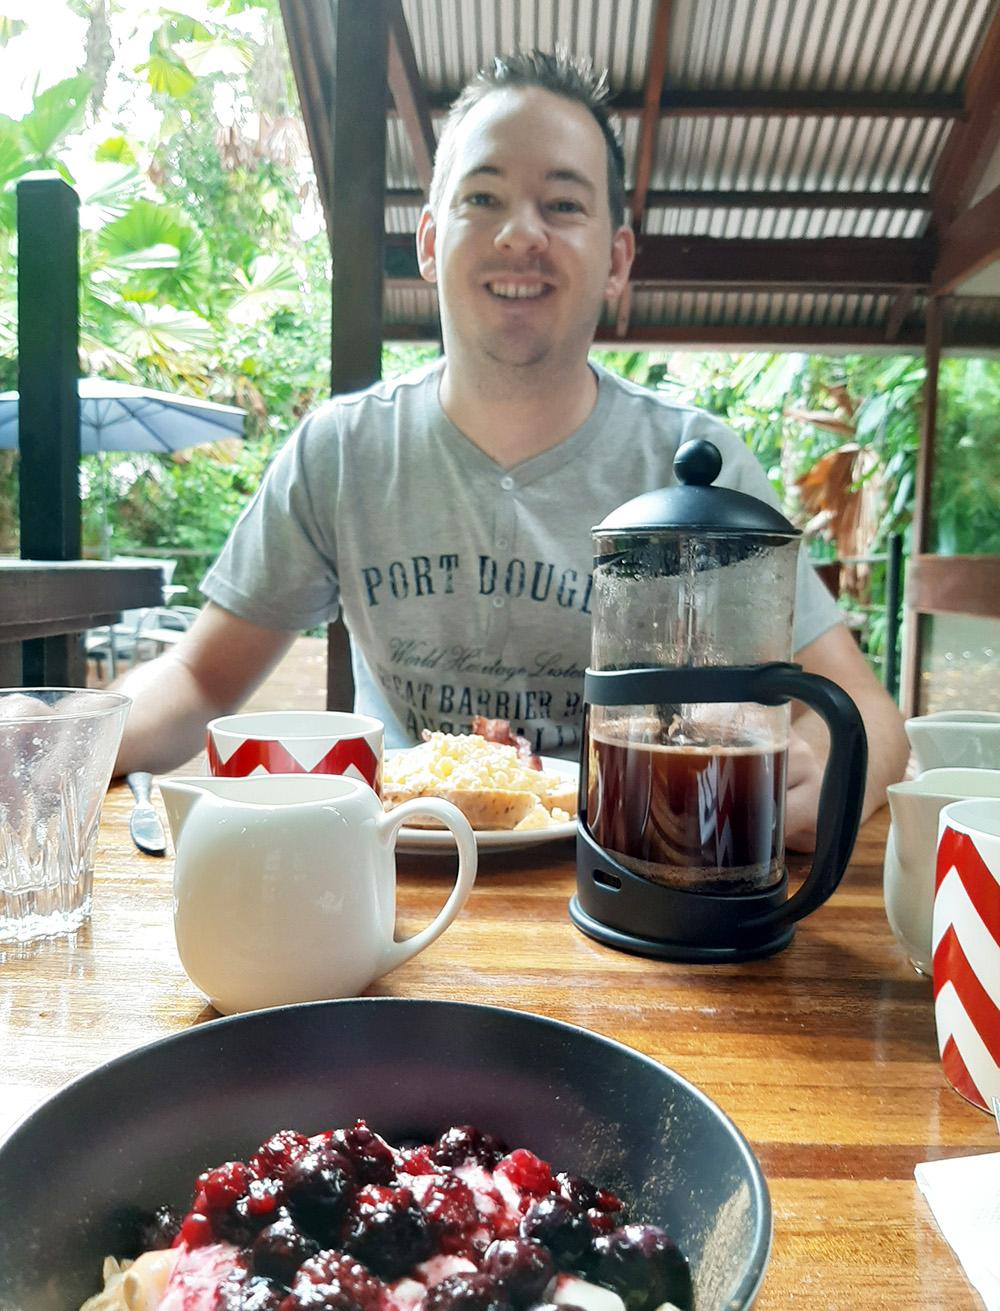 Tijdens het ontbijt. Was voortreffelijk!